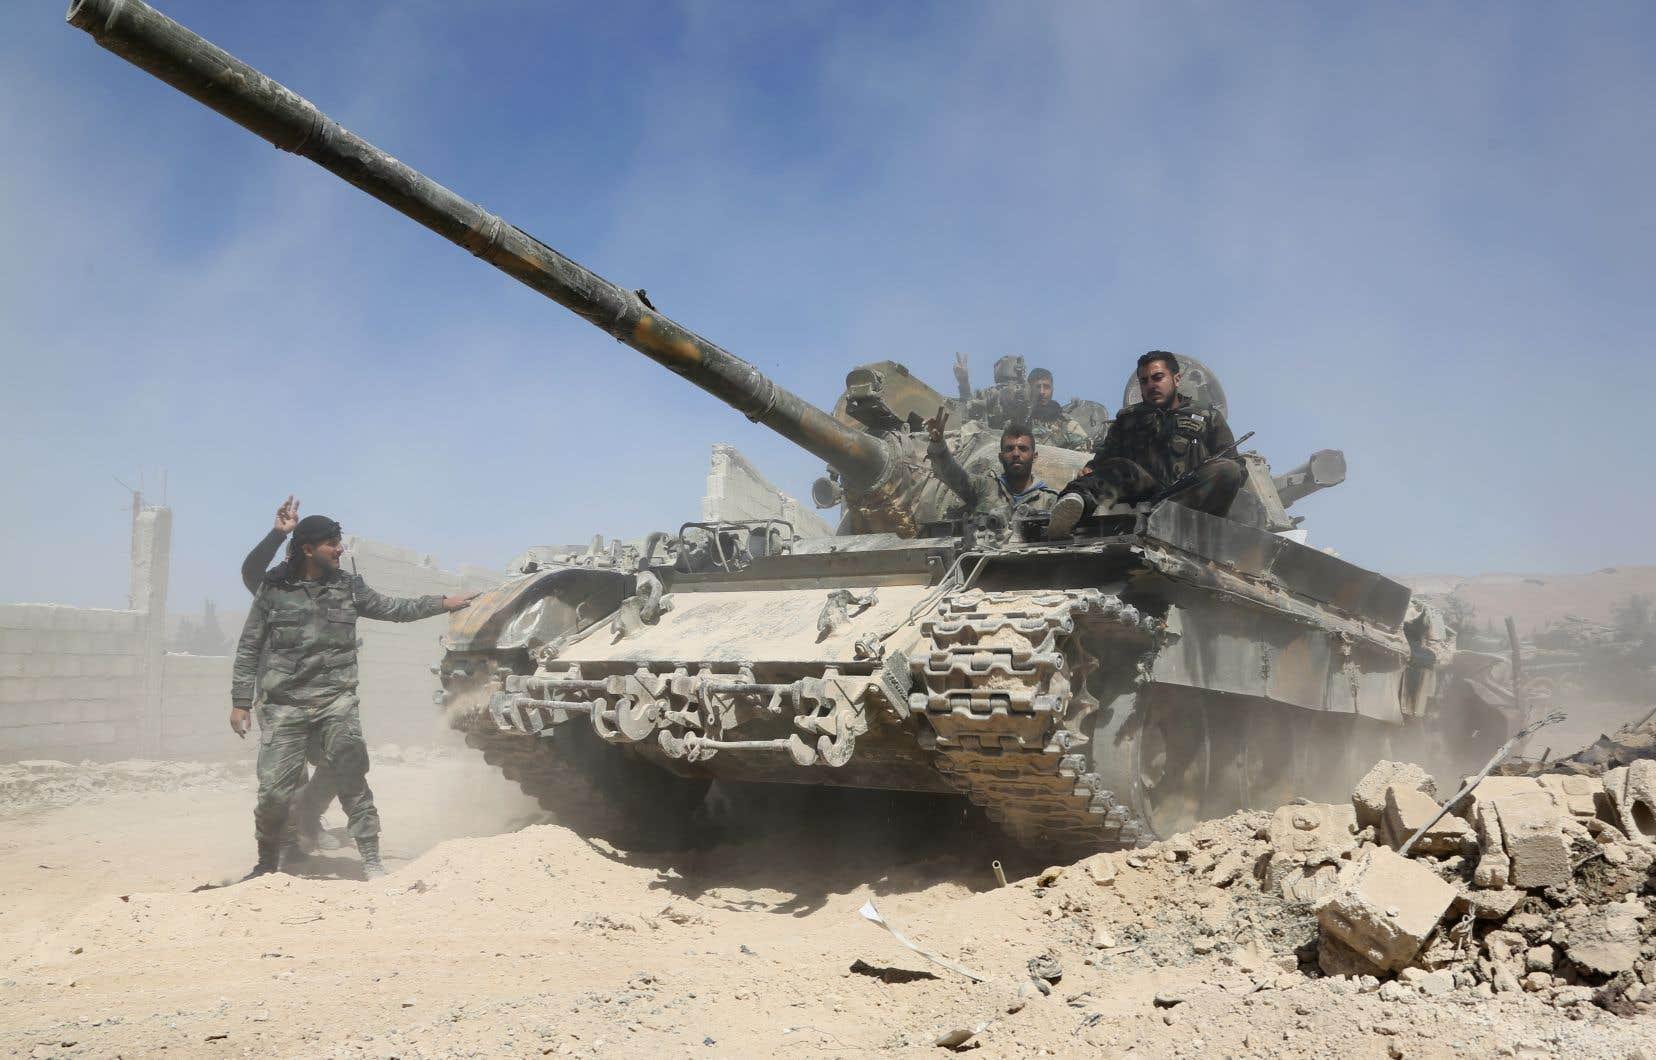 Les forces du régime syrien avancent vers la ville de Douma, la dernière zone de l'opposition dans la Ghouta orientale, samedi.